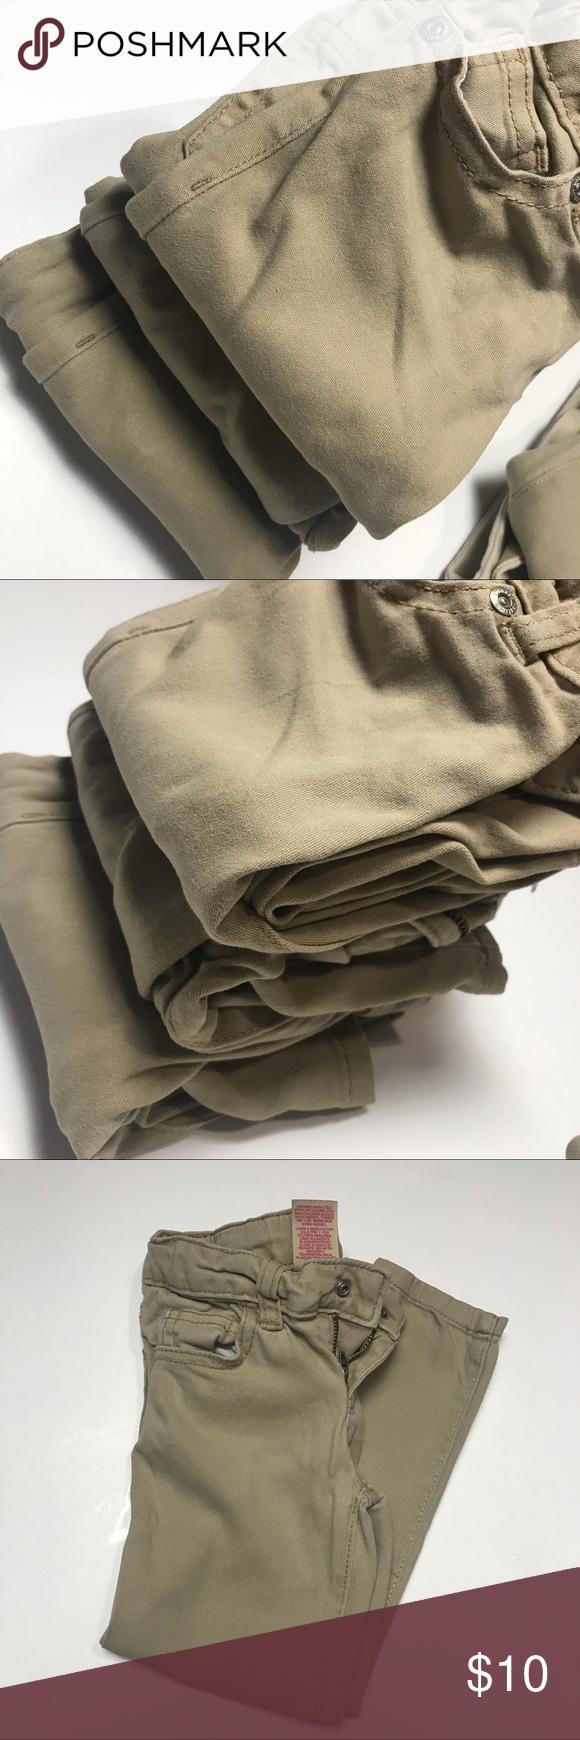 212cd811ec3085185b1553be692c95a8 - How To Get Iron Marks Out Of Black Clothes